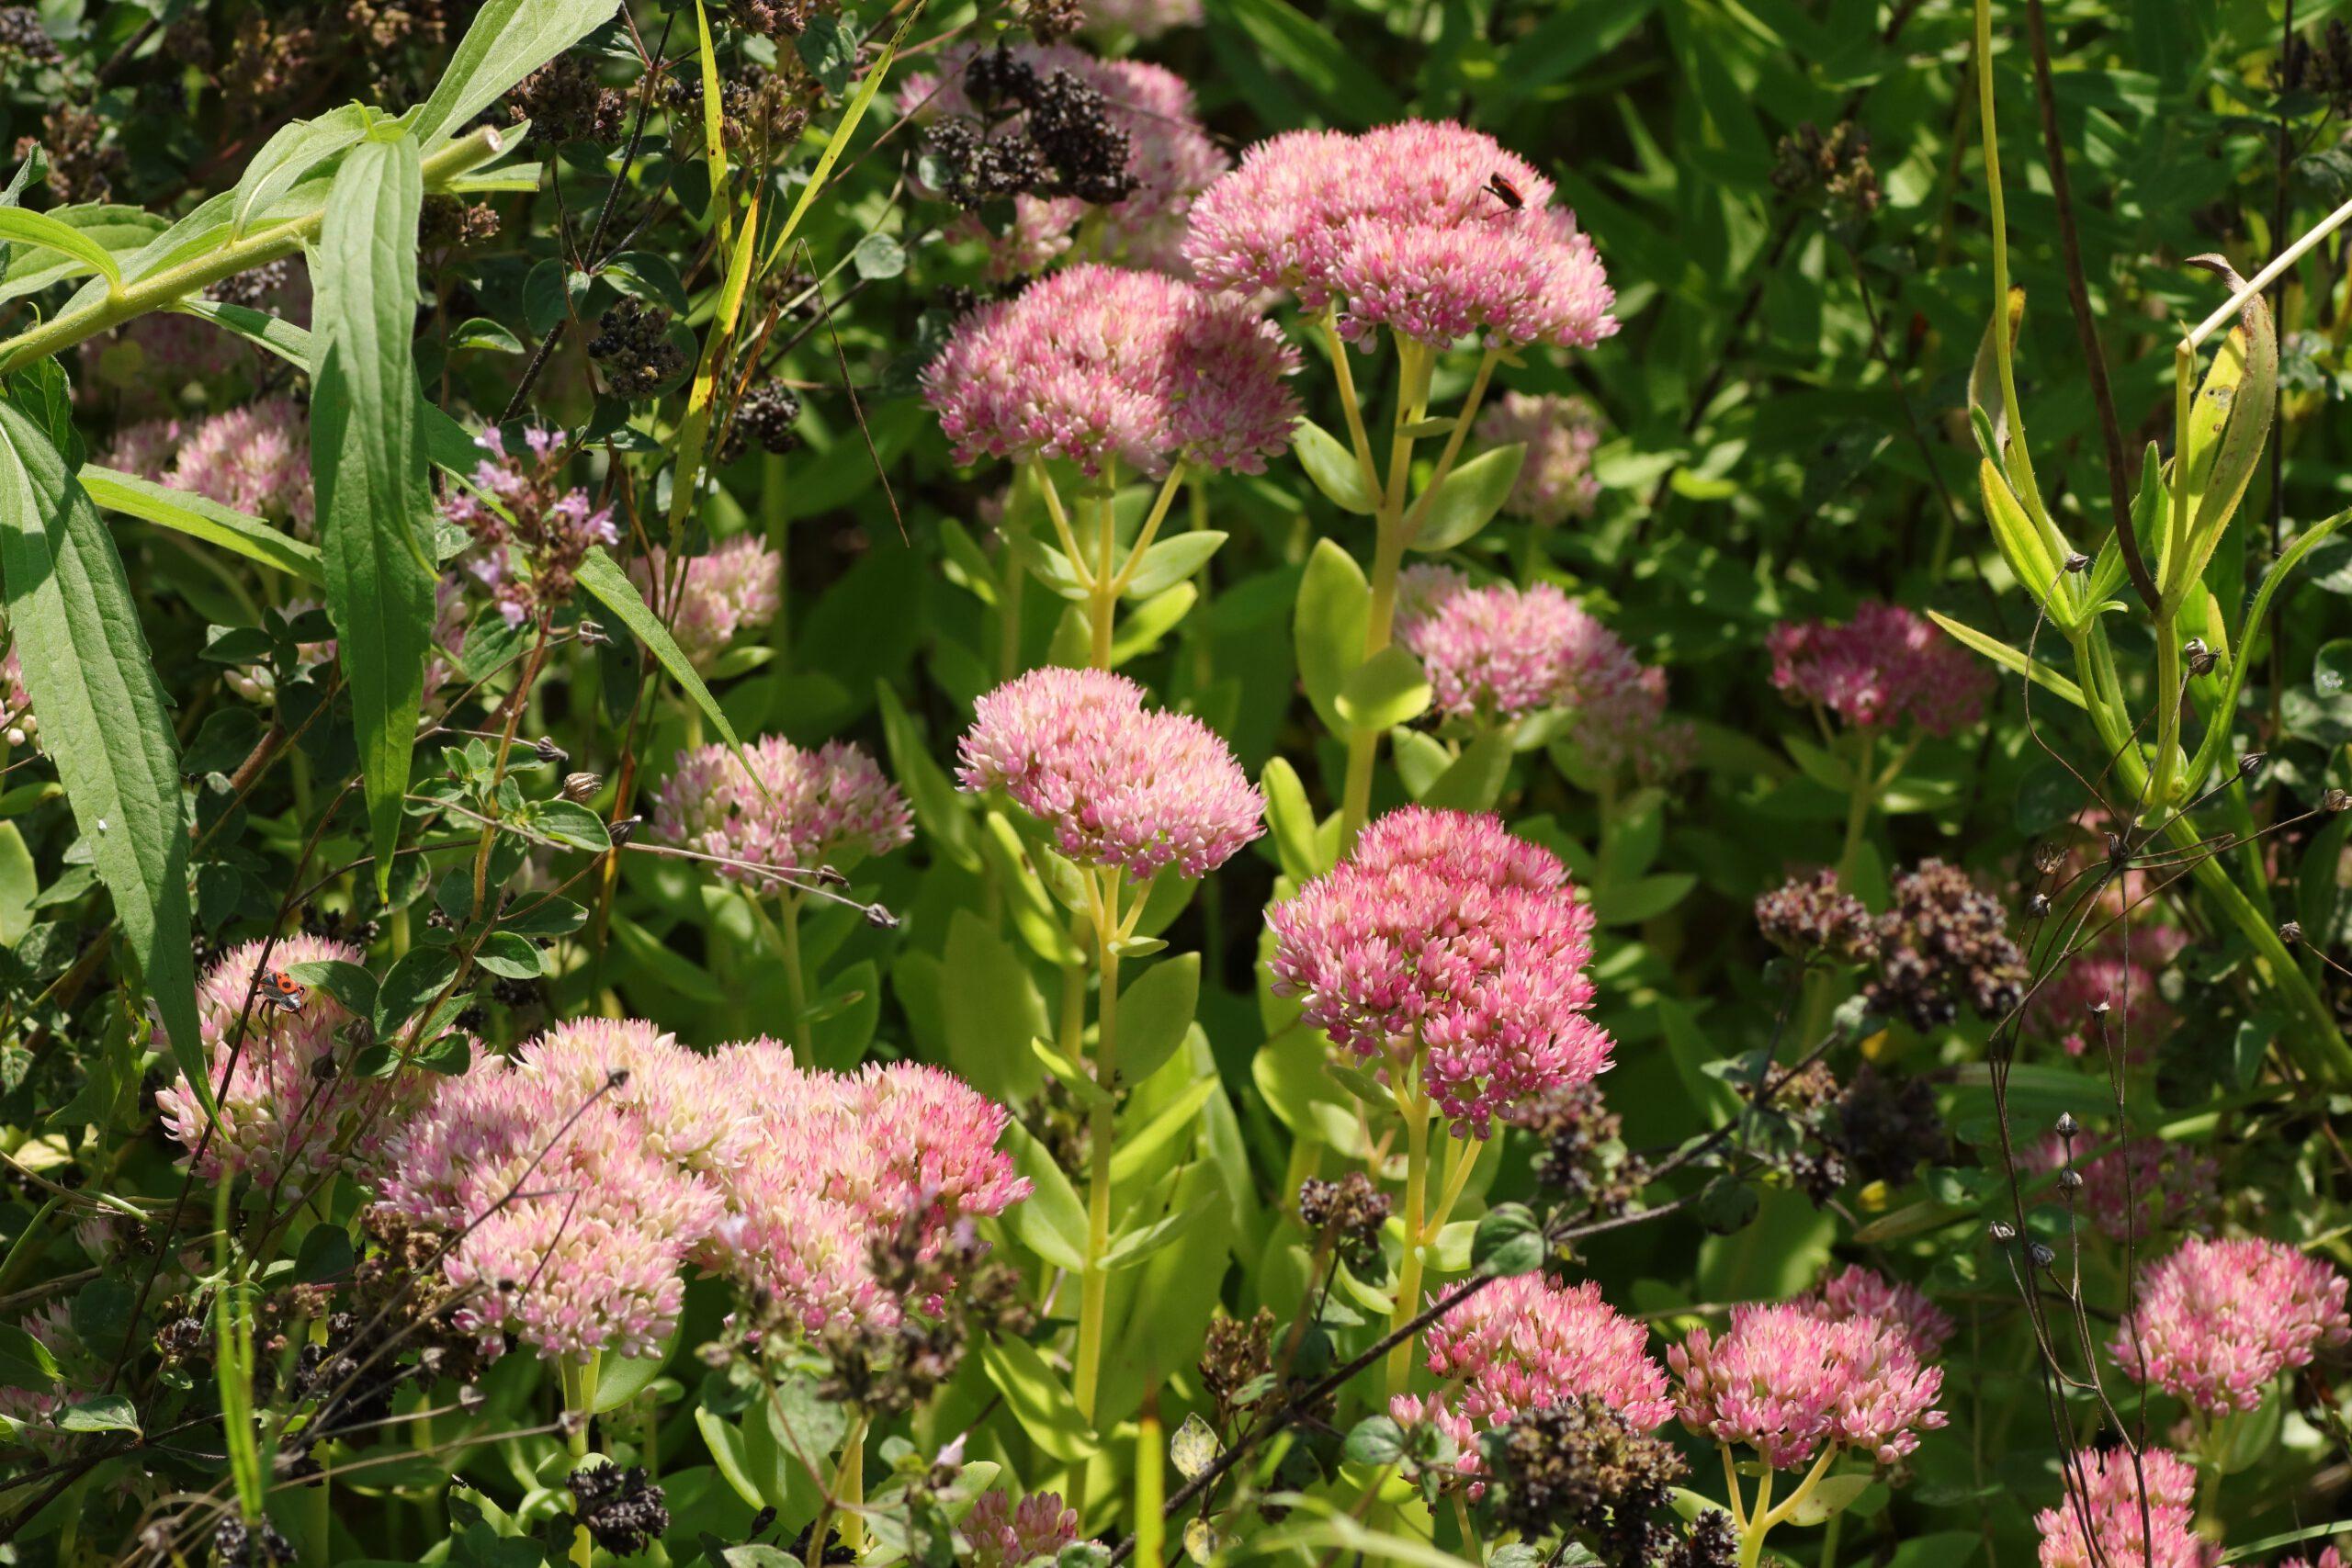 Blütengruppe der Pflanze